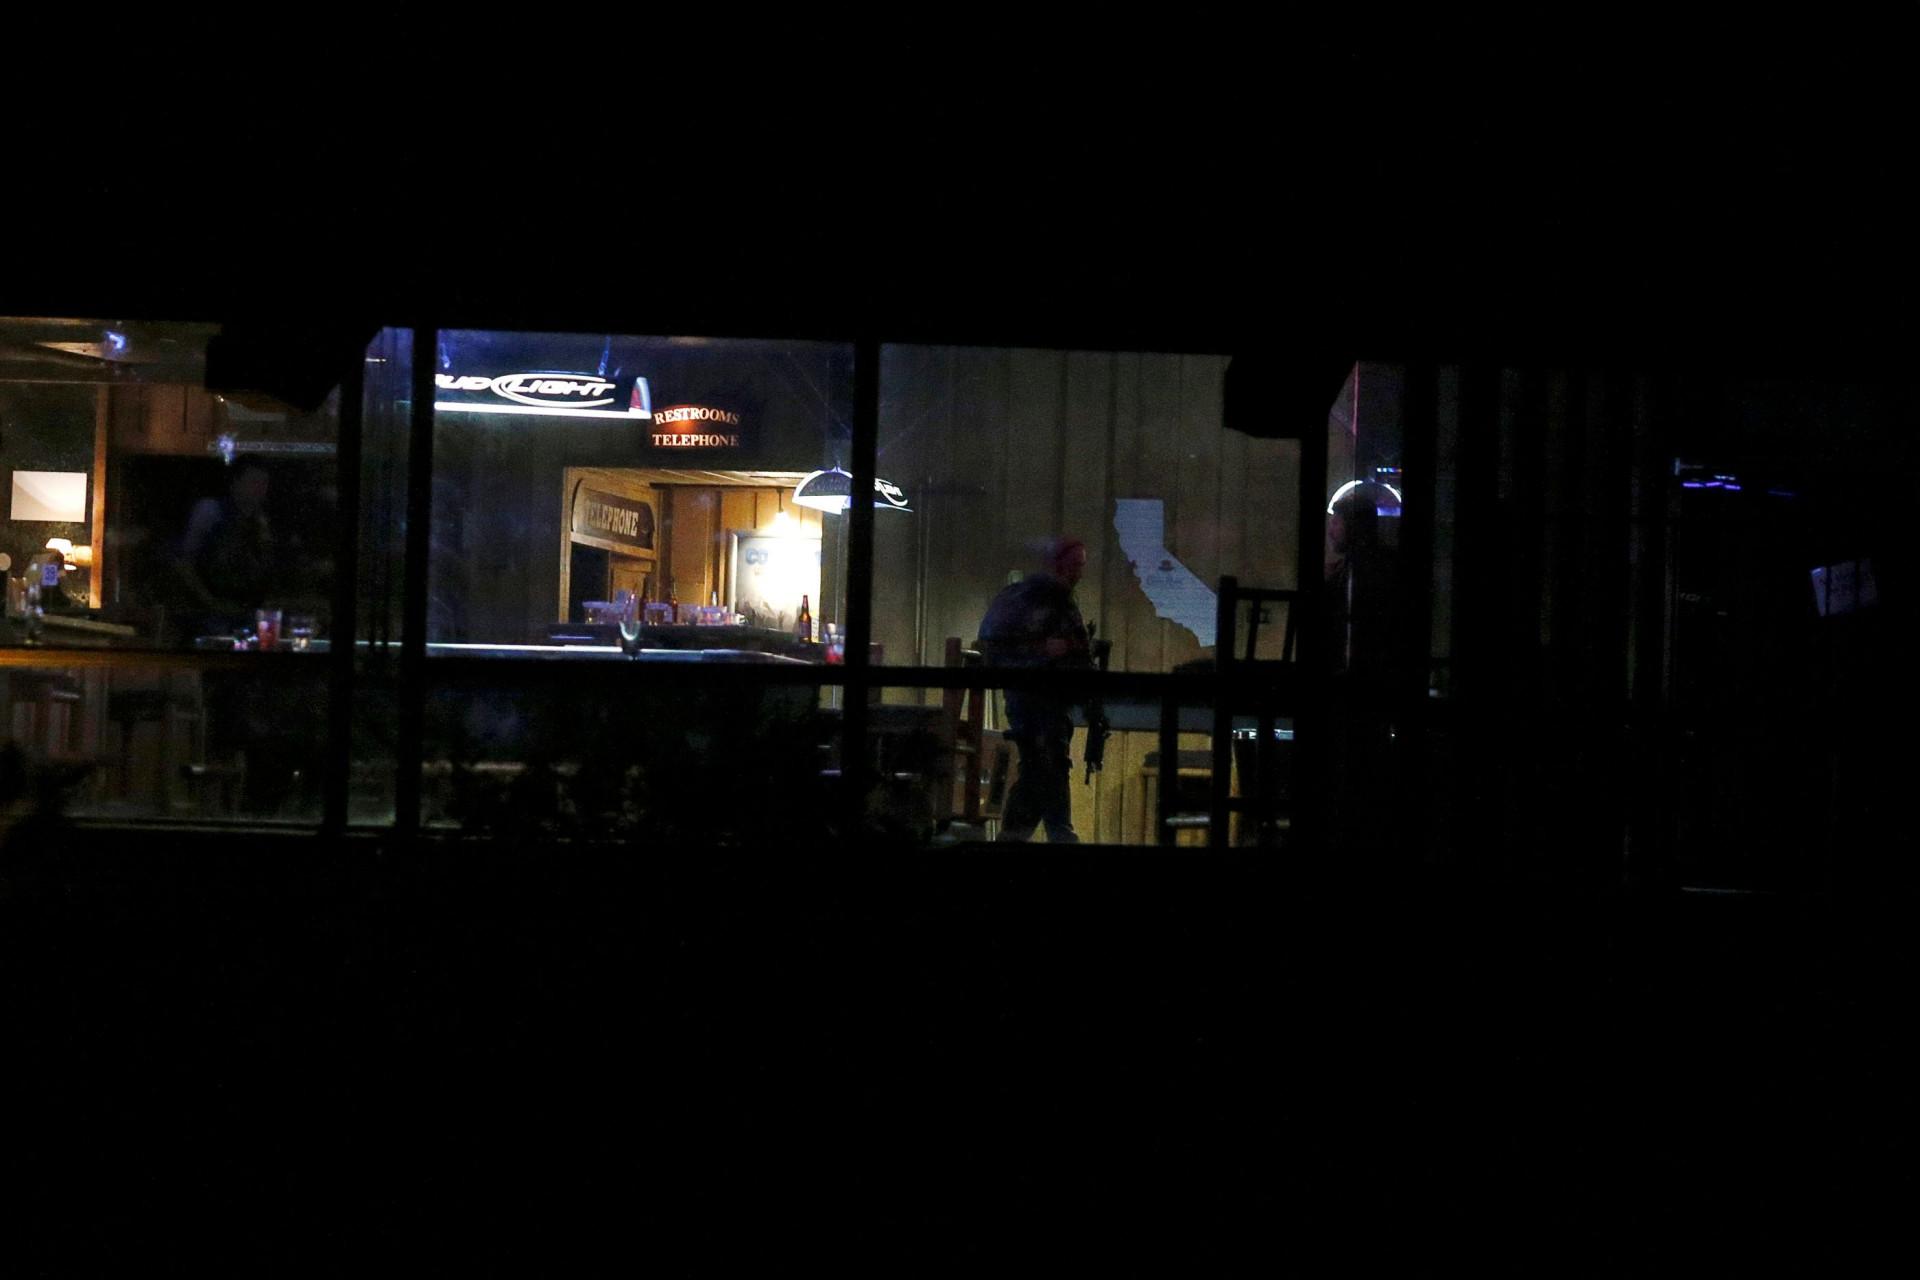 As imagens do massacre de Thousand Oaks que matou 12 pessoas